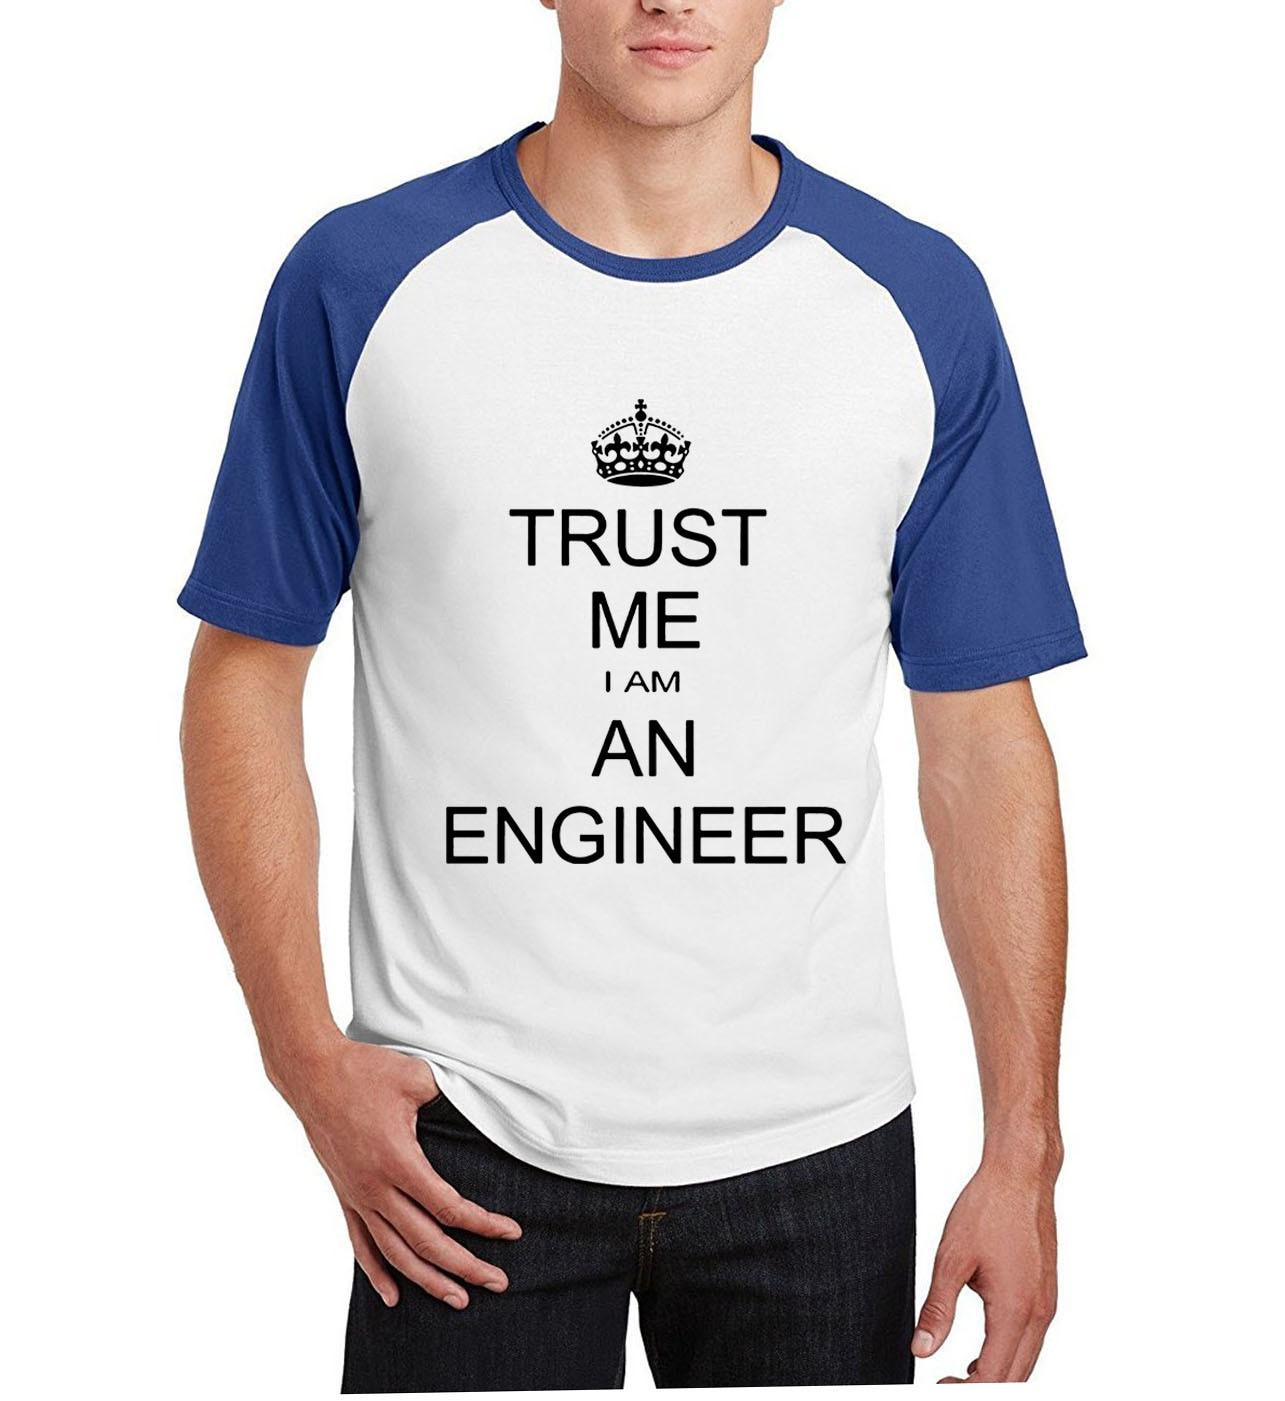 2017 Été harajuku fitness T-shirt Hommes harajuku Je Suis Un Ingénieur  imprimé raglan hip-hop À Manches Courtes Camisetas Vêtements homme e11849aac8a